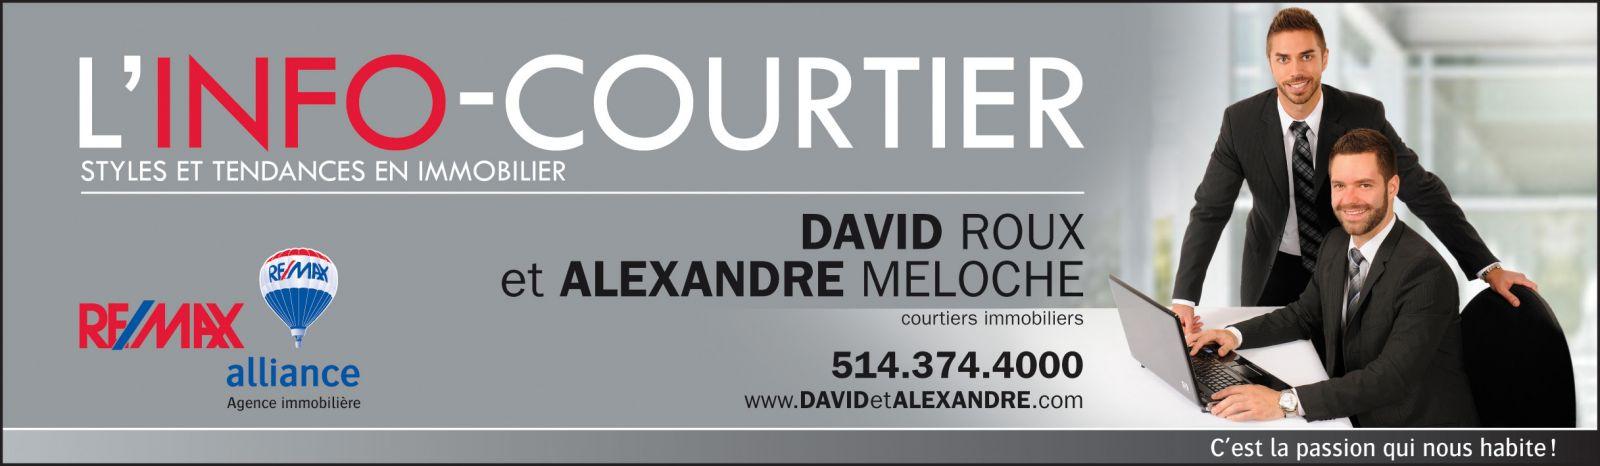 Bandeau David Roux et Alexandre Meloche, courtiers imobiliers